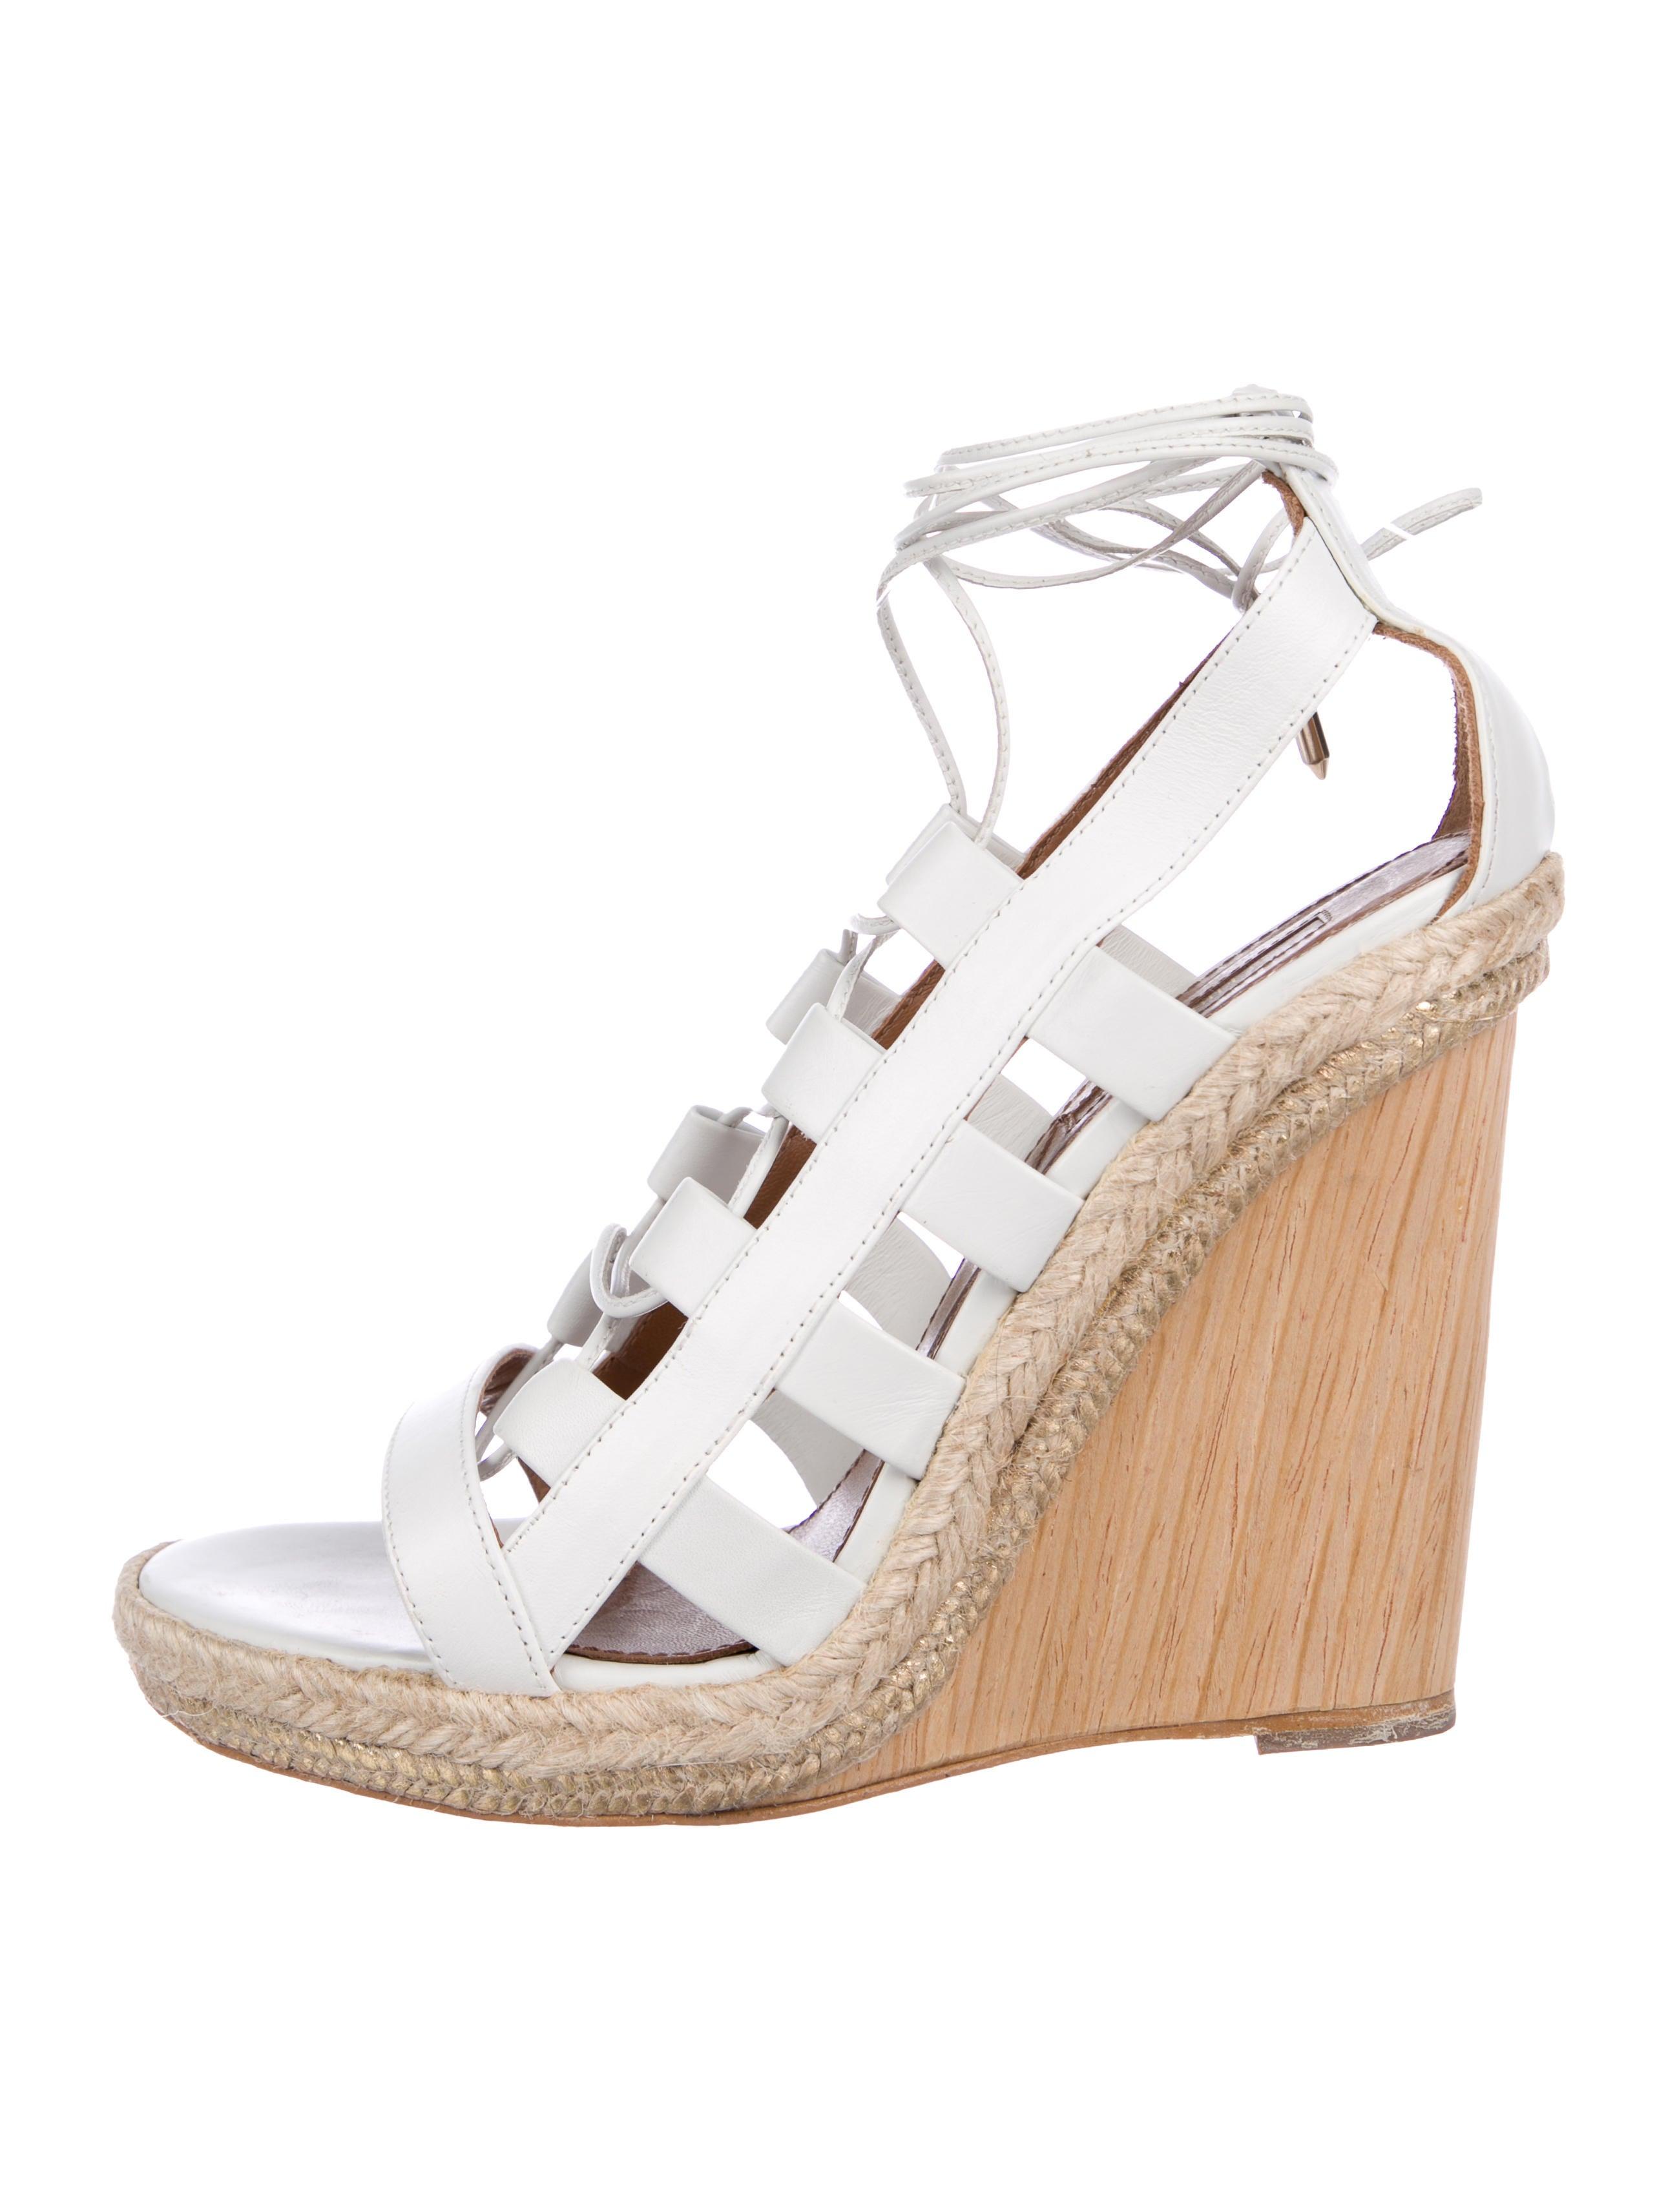 e985af105e64 Aquazzura Amazon Wedge Sandals - Shoes - AQZ30271